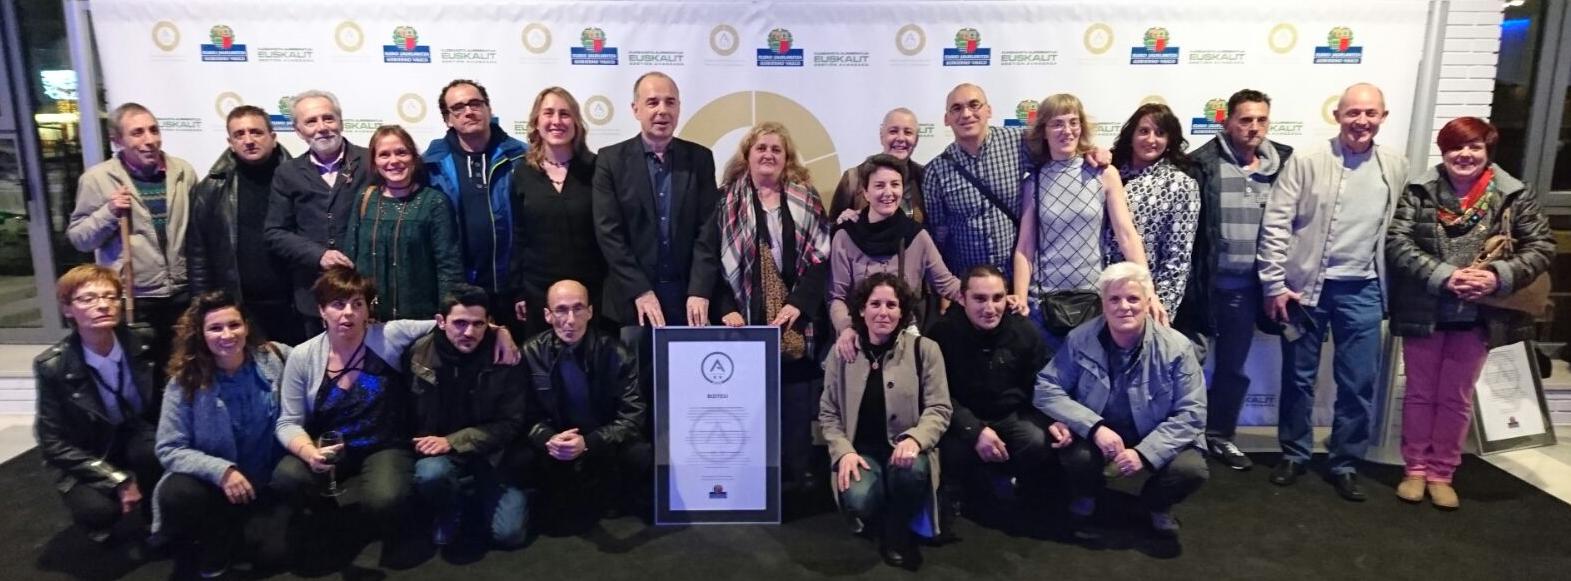 Reconocimiento ``A de PLATA`` a la Gestión Avanzada otorgada por Gobierno Vasco